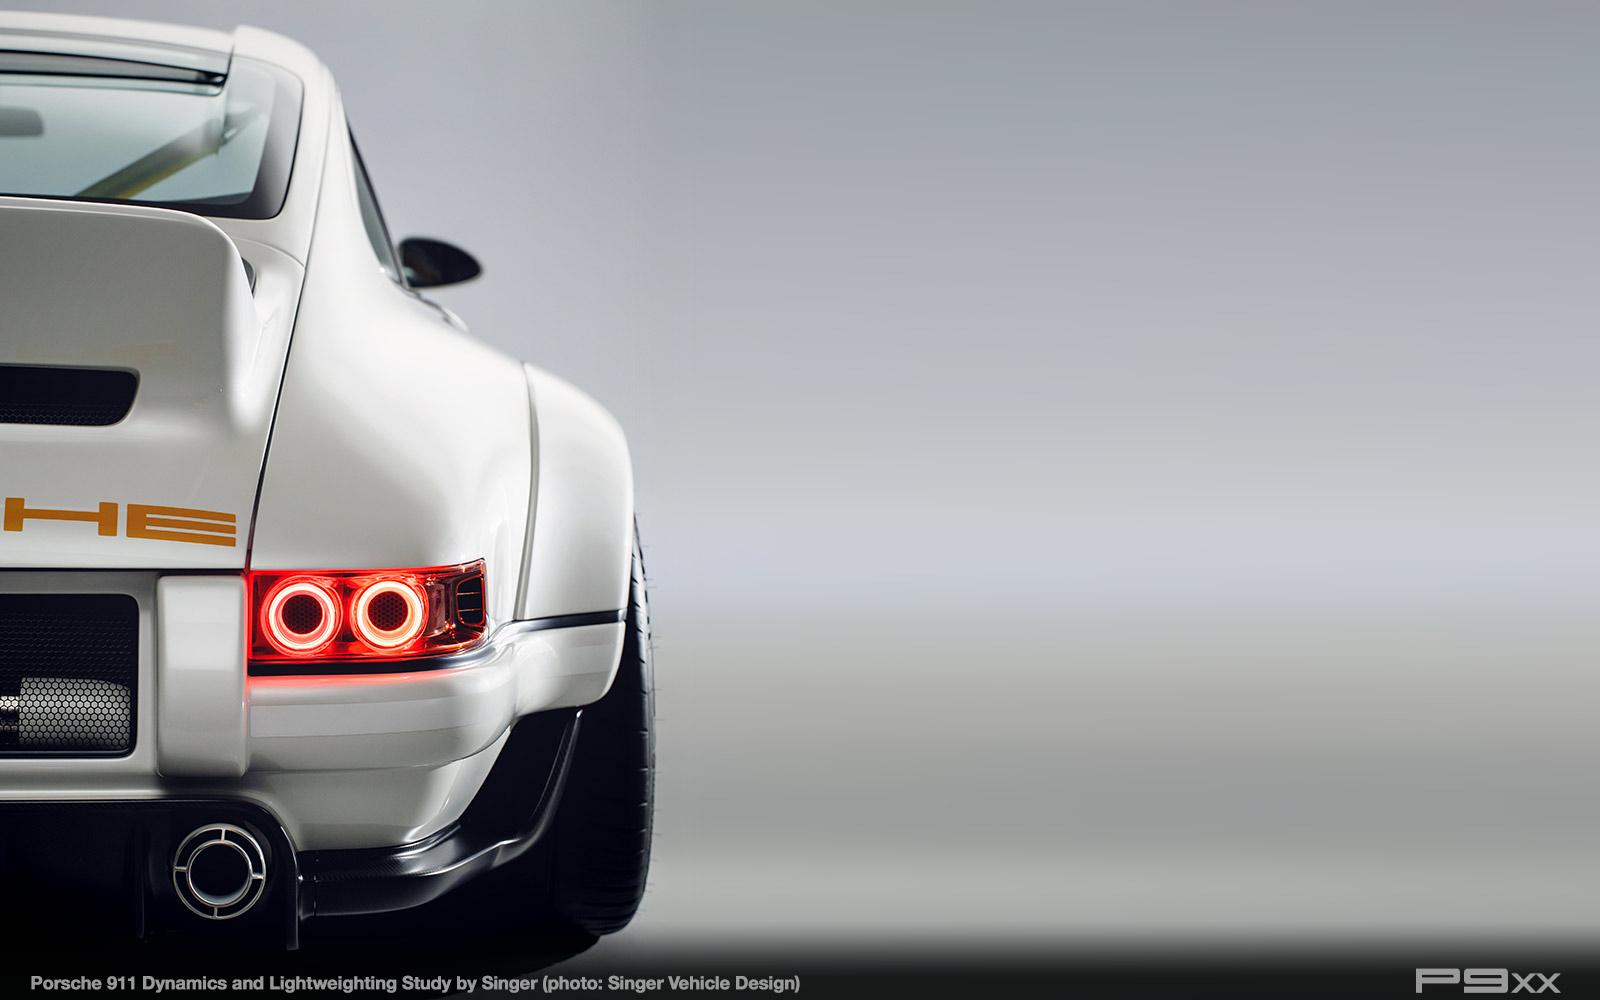 Singer-DLS-Porsche-911-295